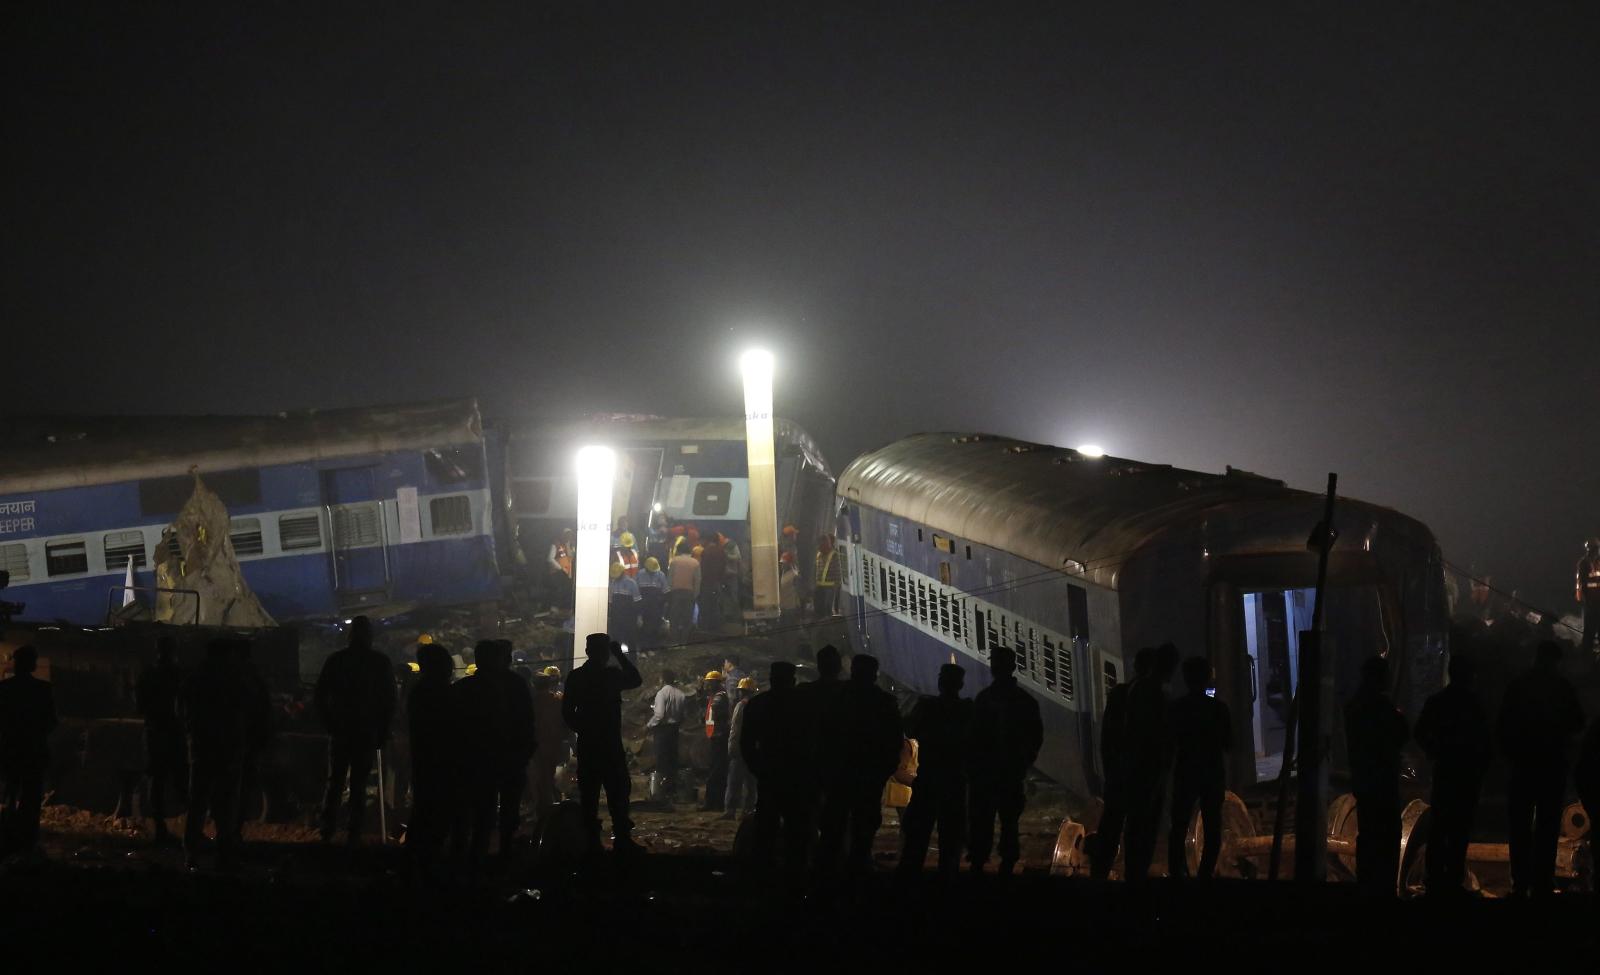 Robotnicy pracują w miejscu katastrofy pociągu w Indiach w której zginęło ponad 90 osób.